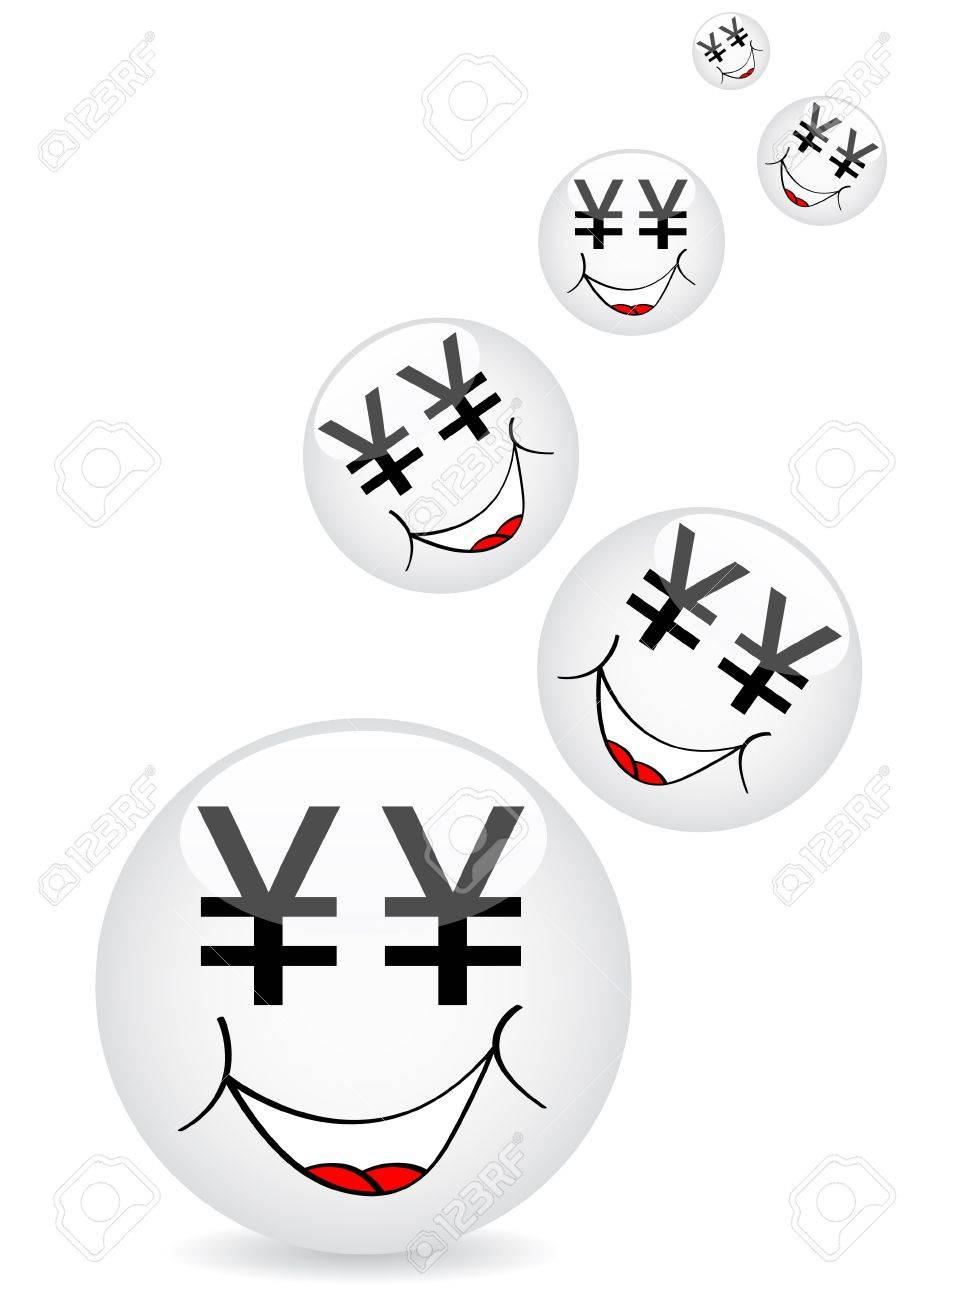 cartoon faces Stock Vector - 10287799